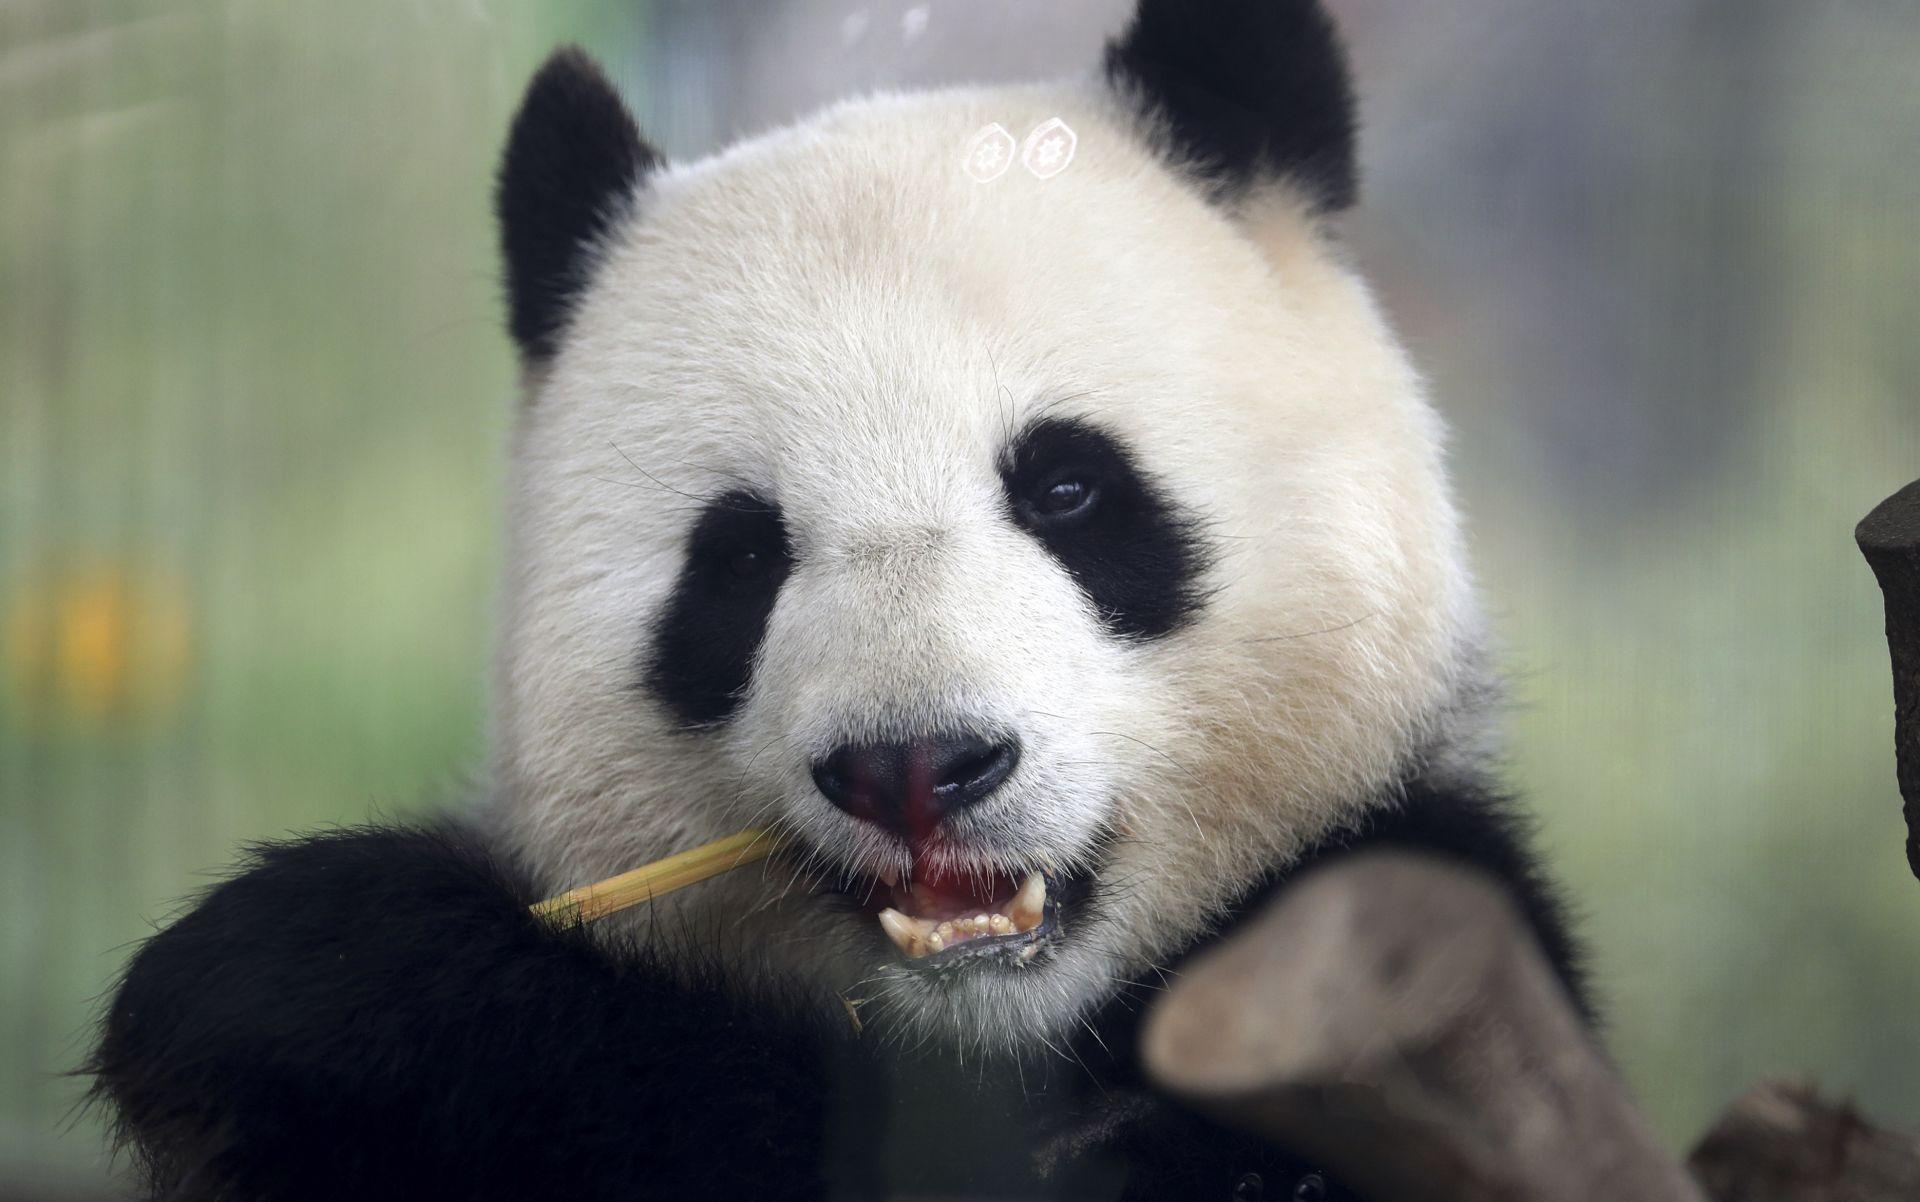 Мън Мън, която очаква бебето си, има добър апетит и сладко похапва бамбук